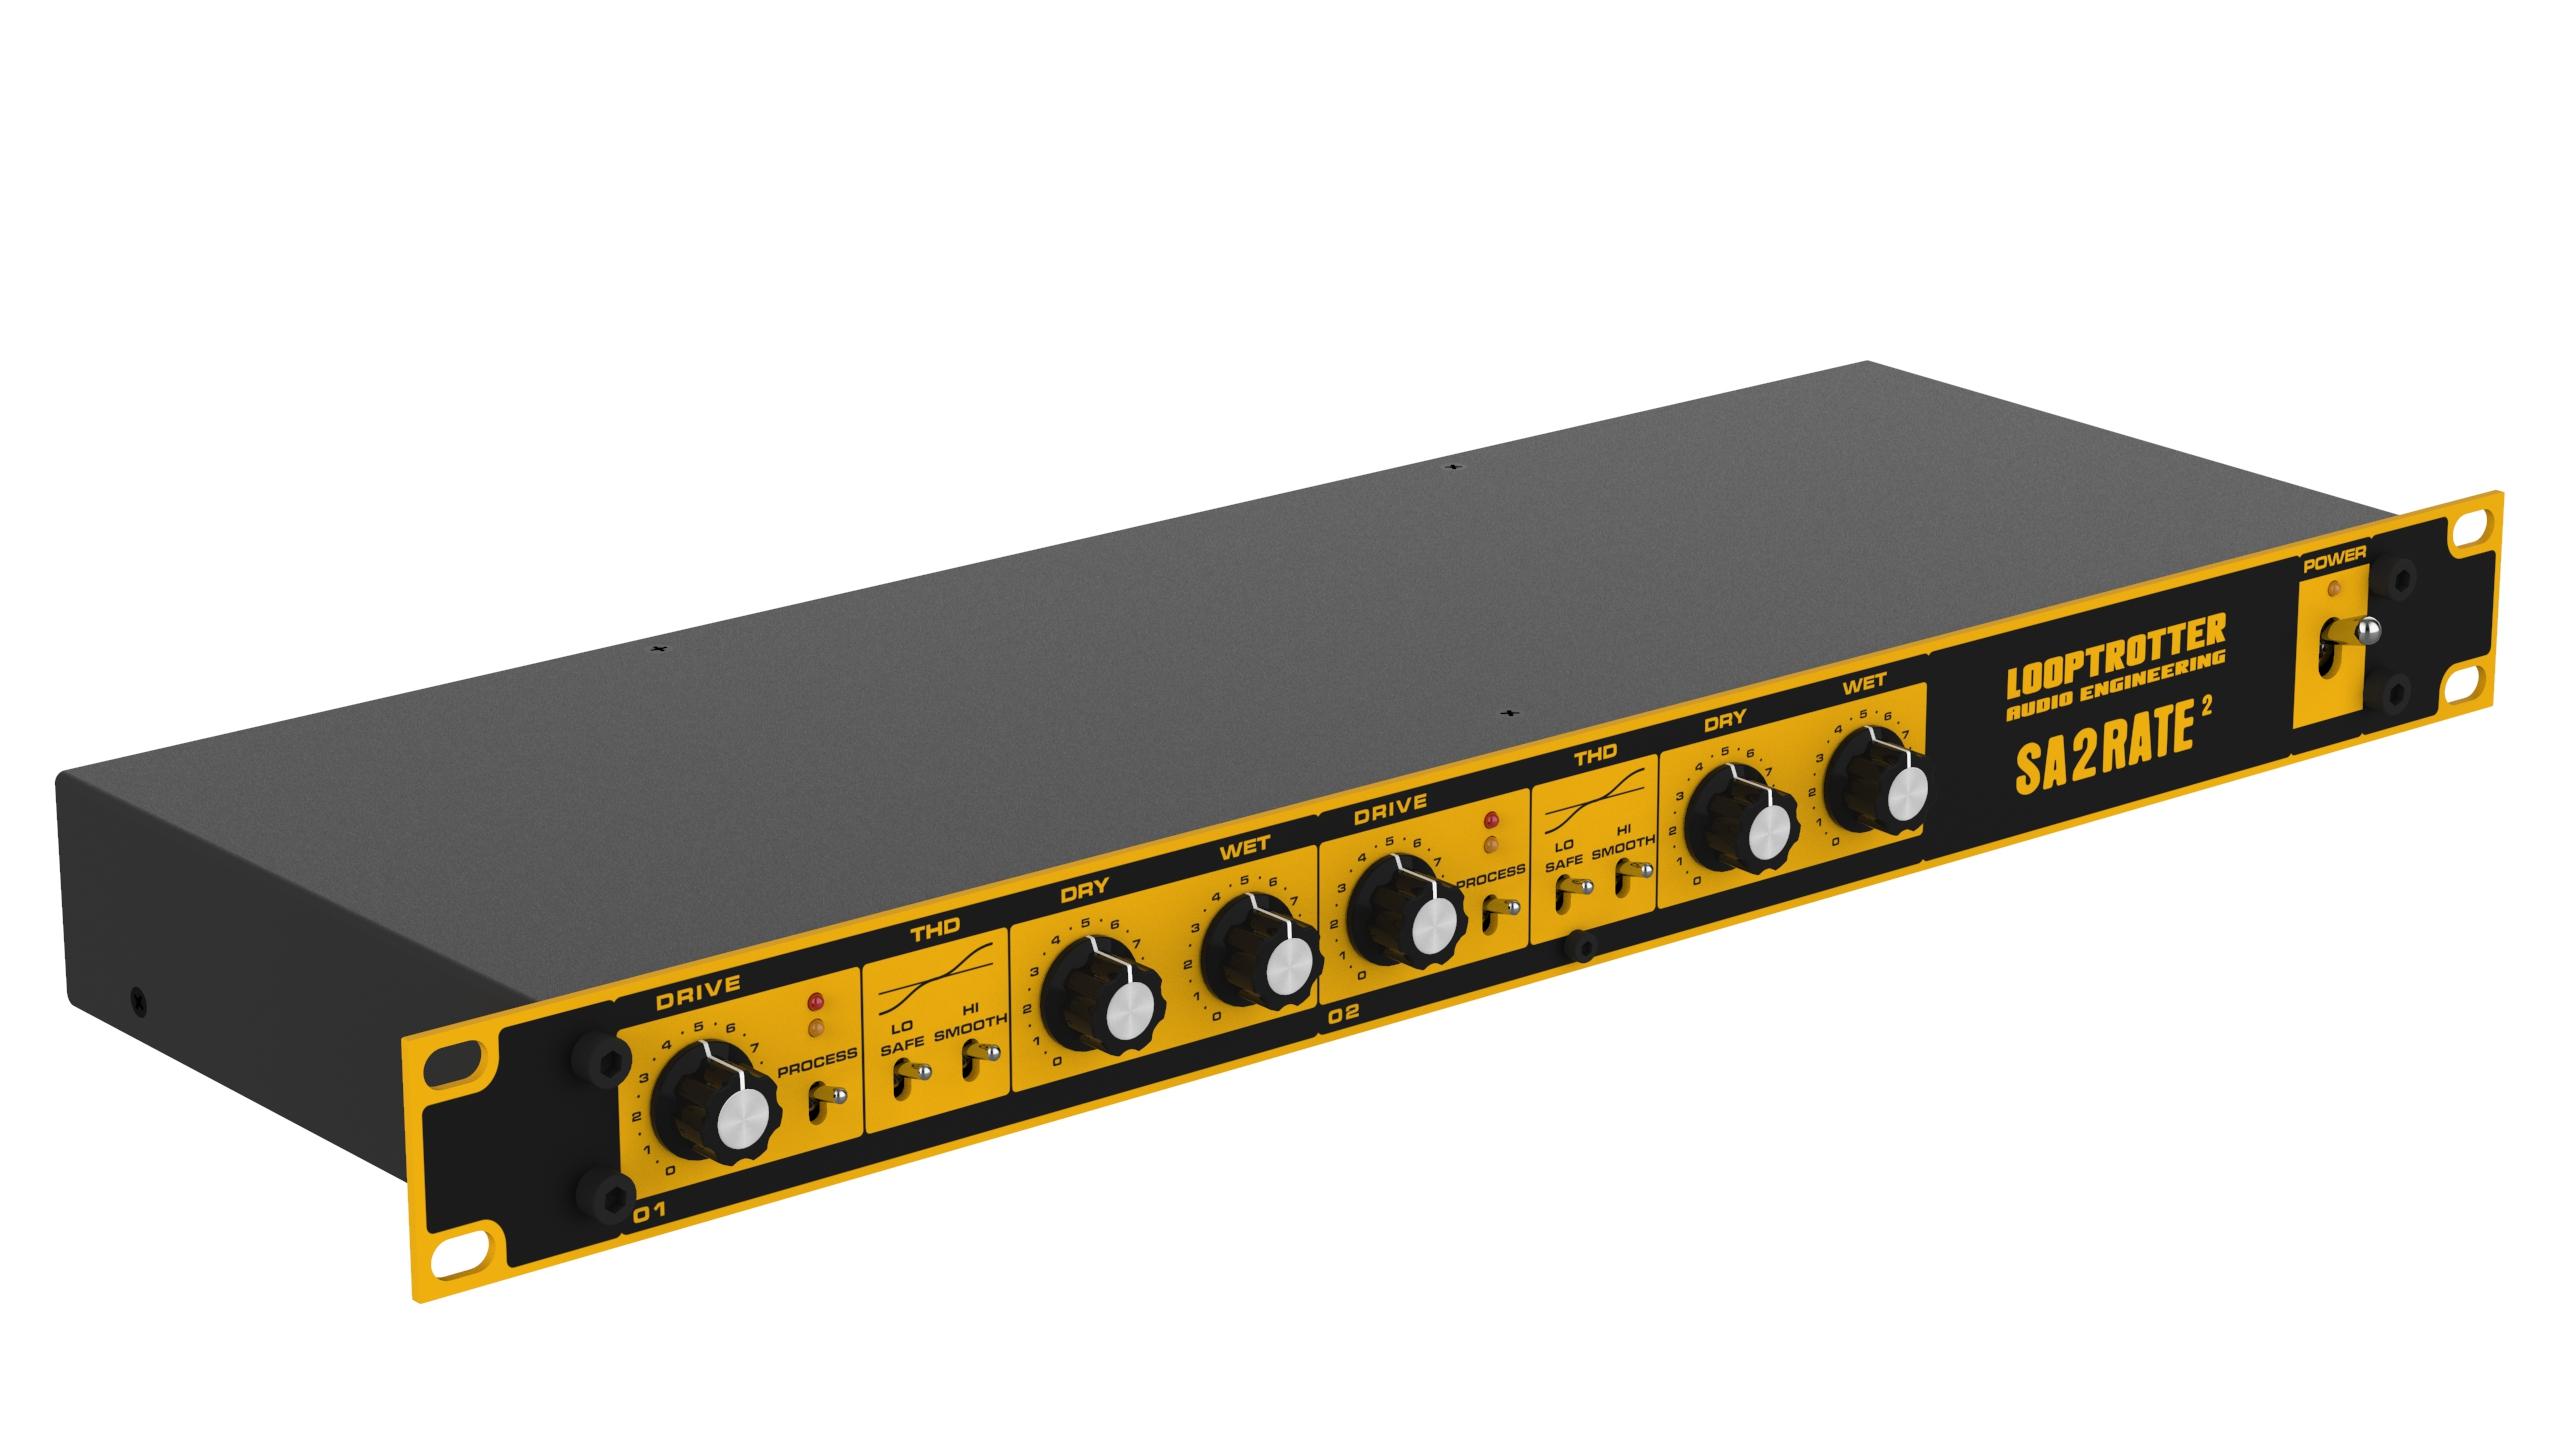 Looptrotter SA2RATE-2